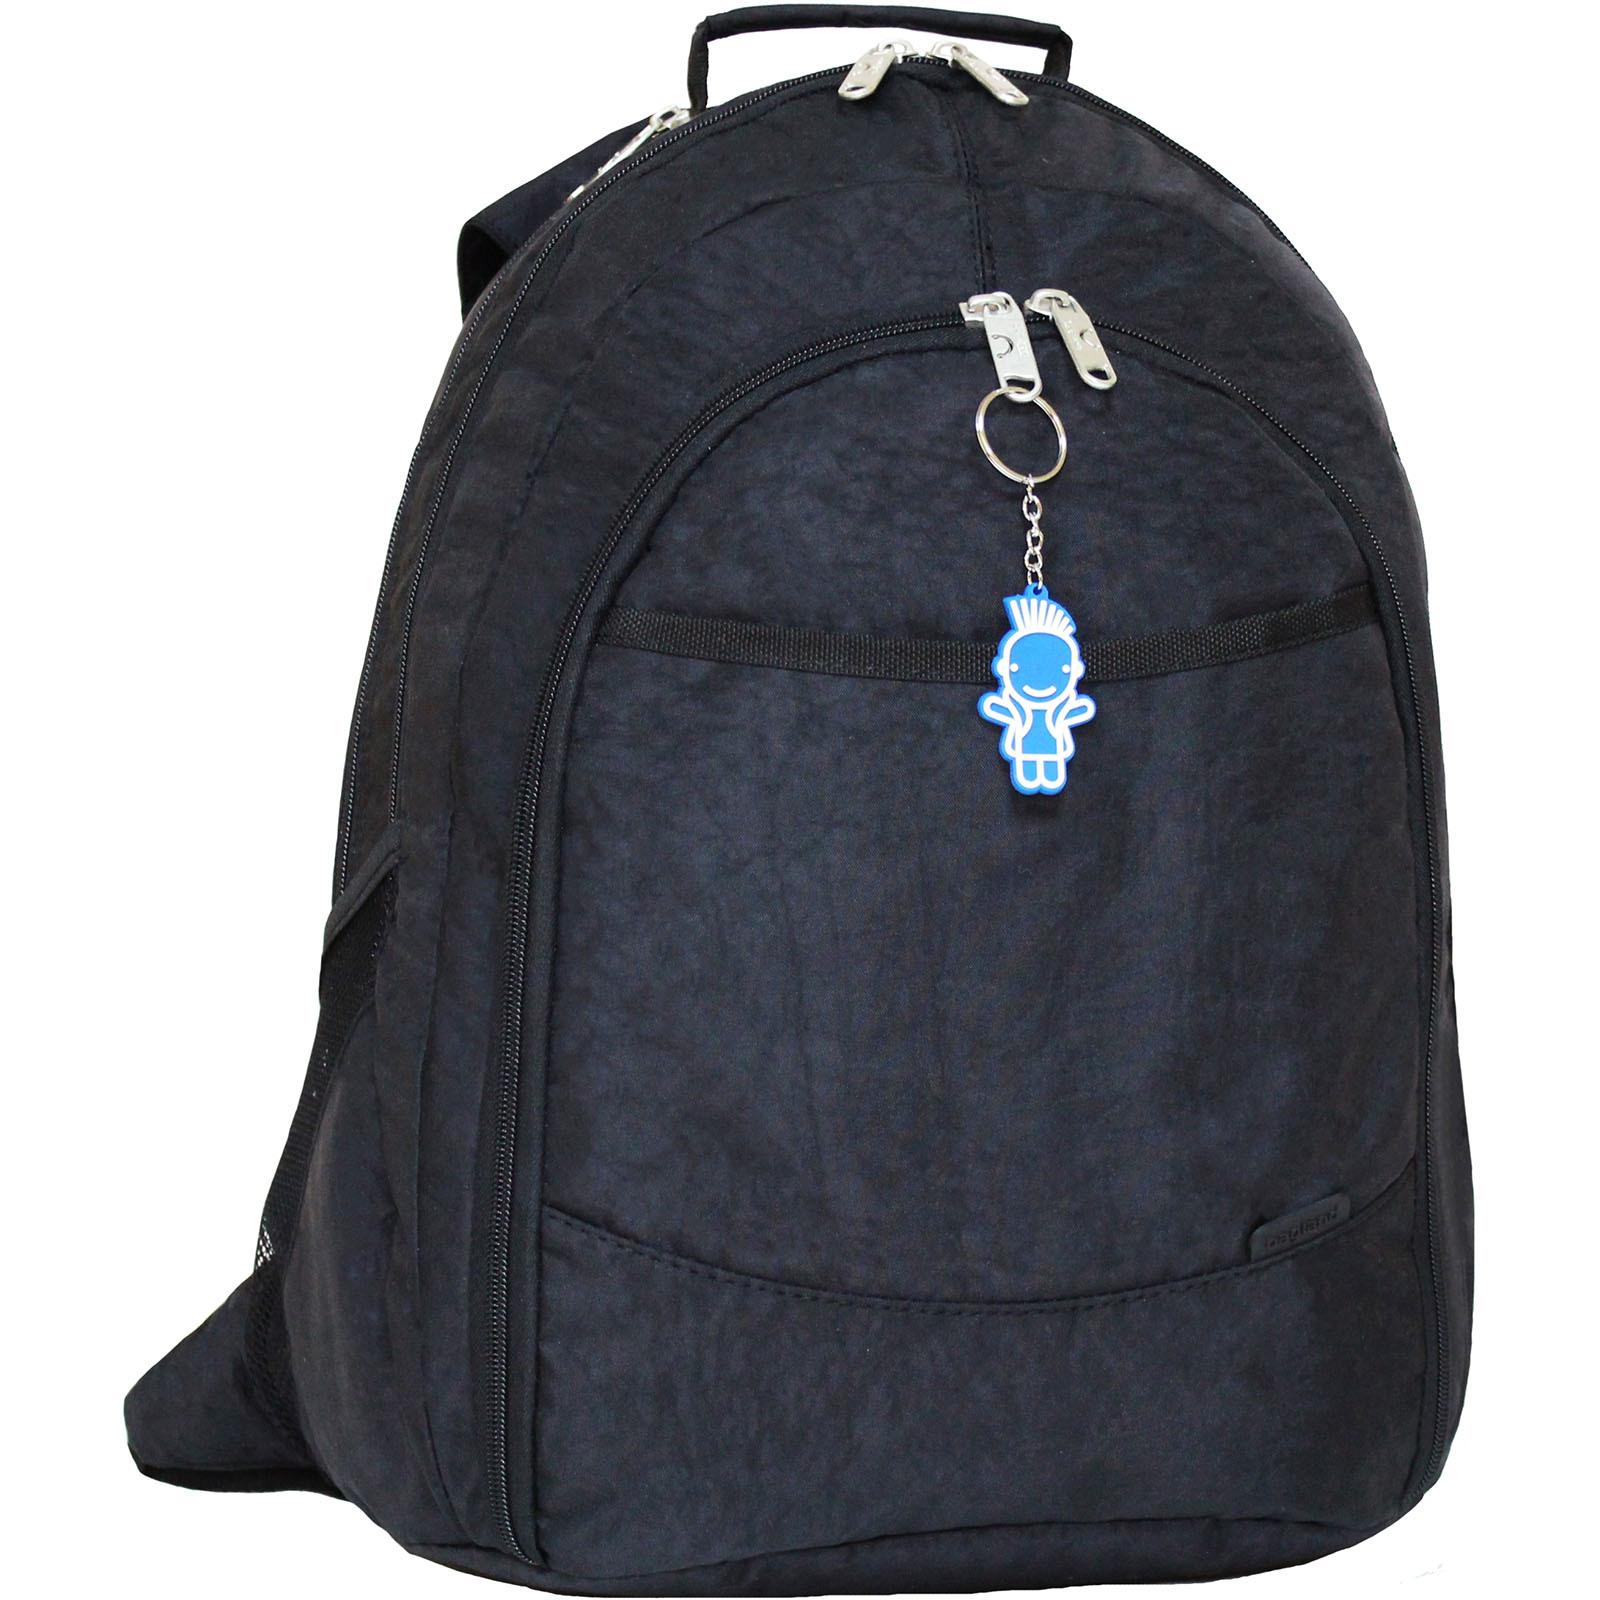 Городские рюкзаки Рюкзак Bagland Сити max 34 л. Чёрный (0053970) IMG_4022.JPG